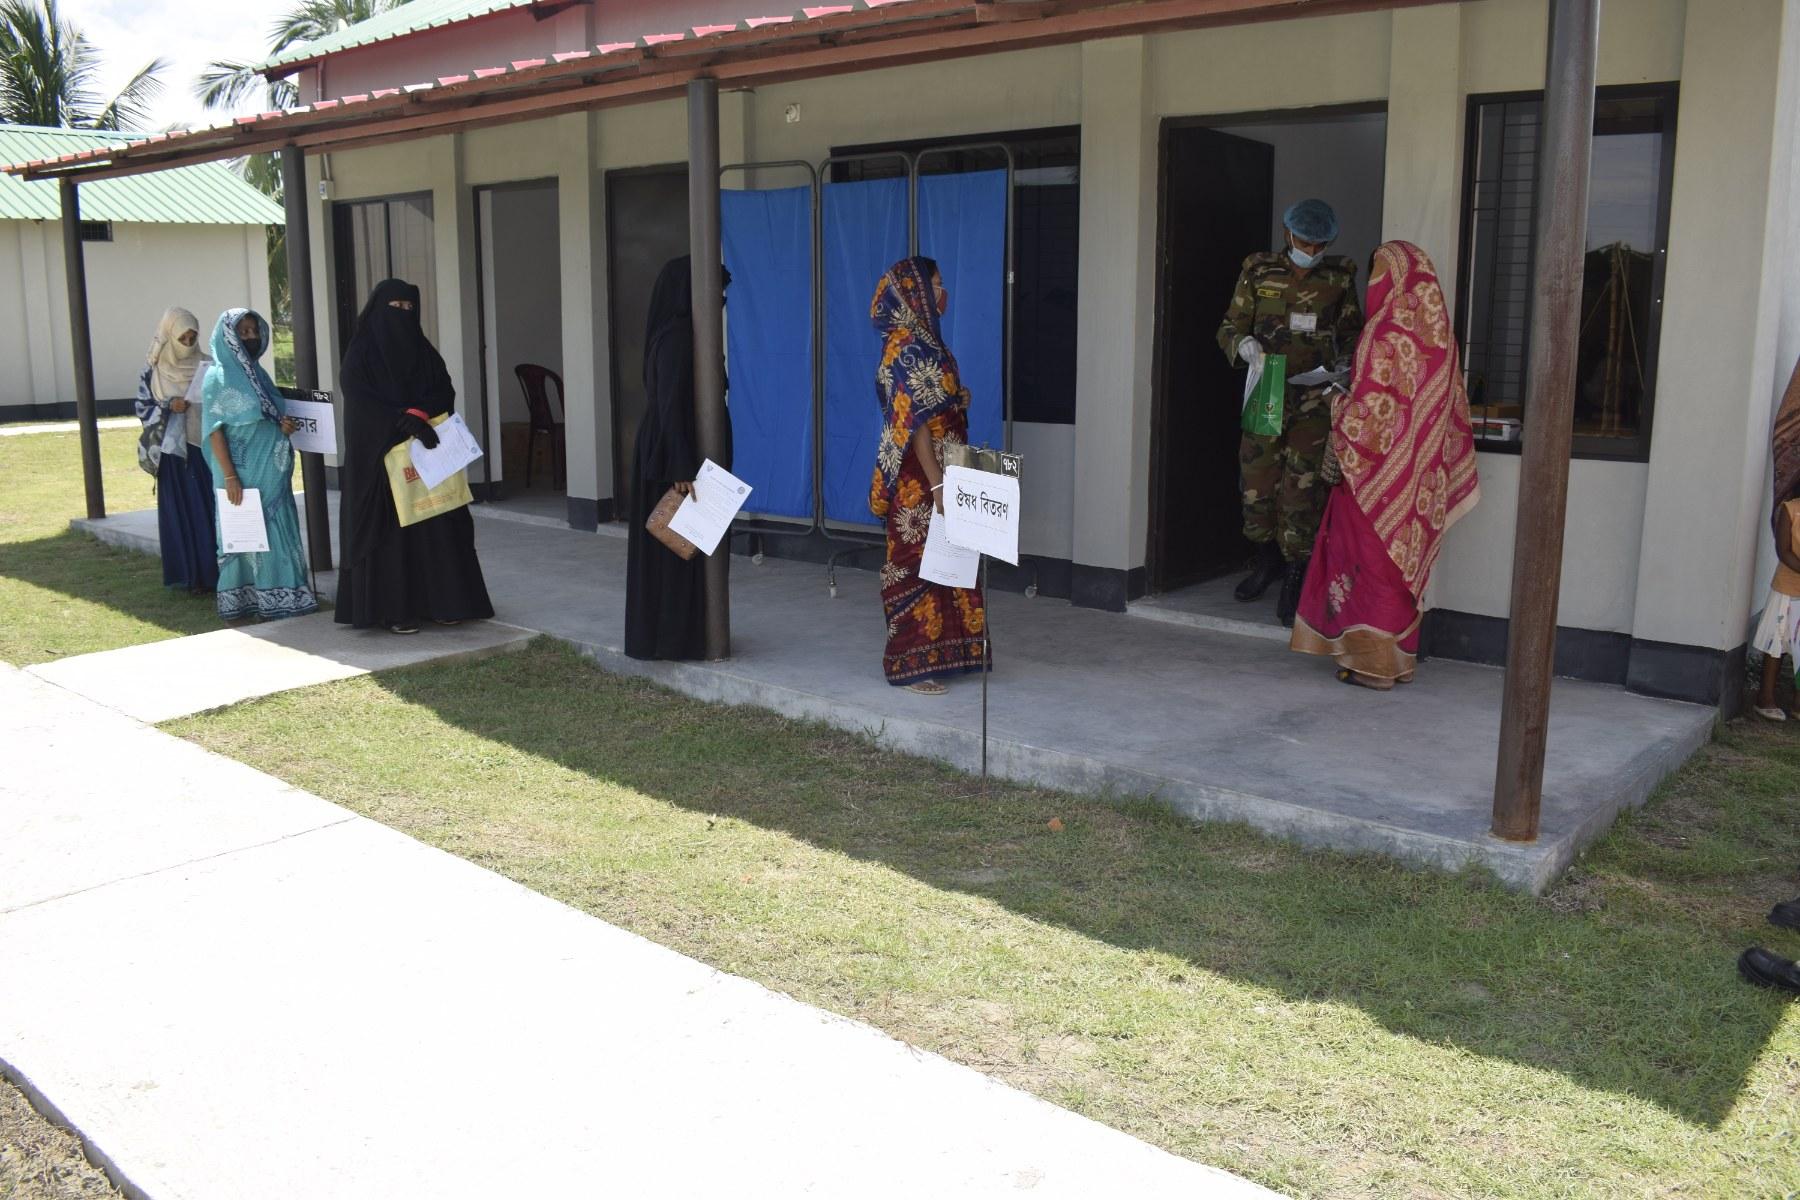 কক্সবাজারে গর্ভবতী মায়েদের জন্য সেনাবাহিনীর বিনামূল্যে চিকিৎসা সেবা